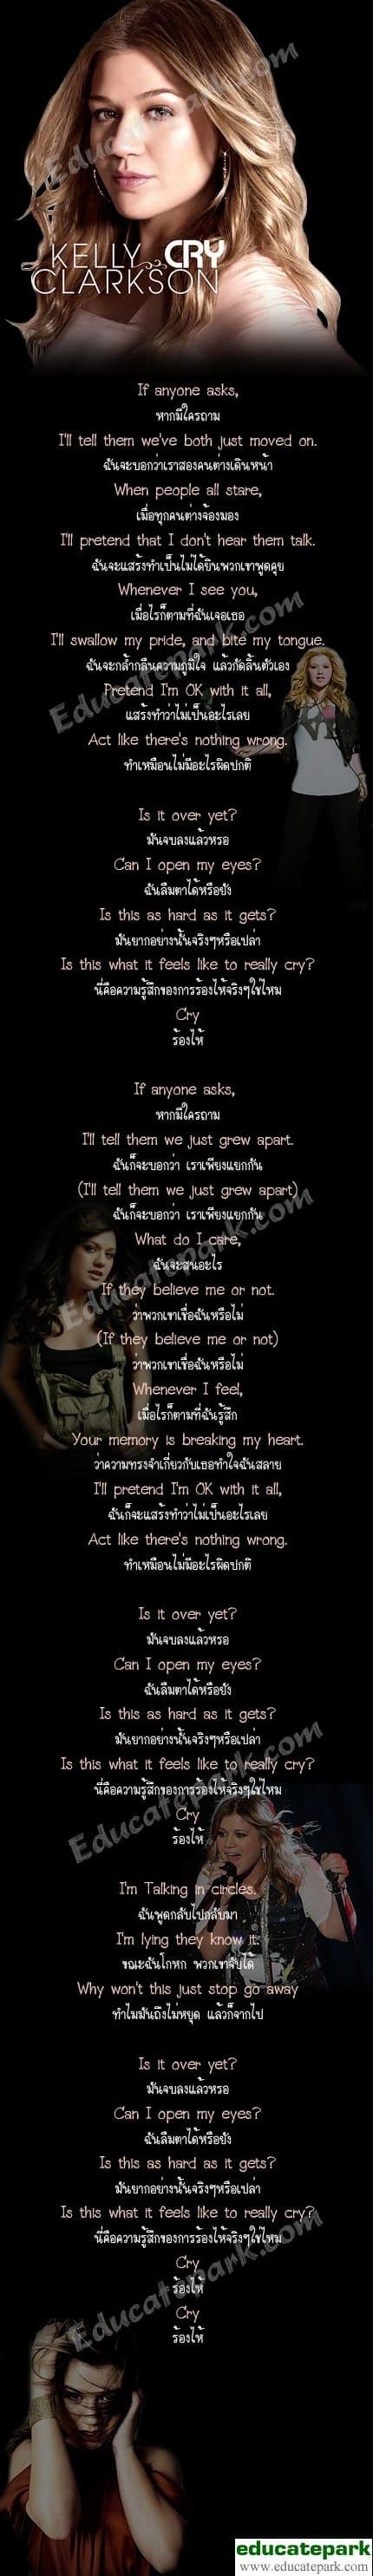 แปลเพลง Cry - Kelly Clarkson